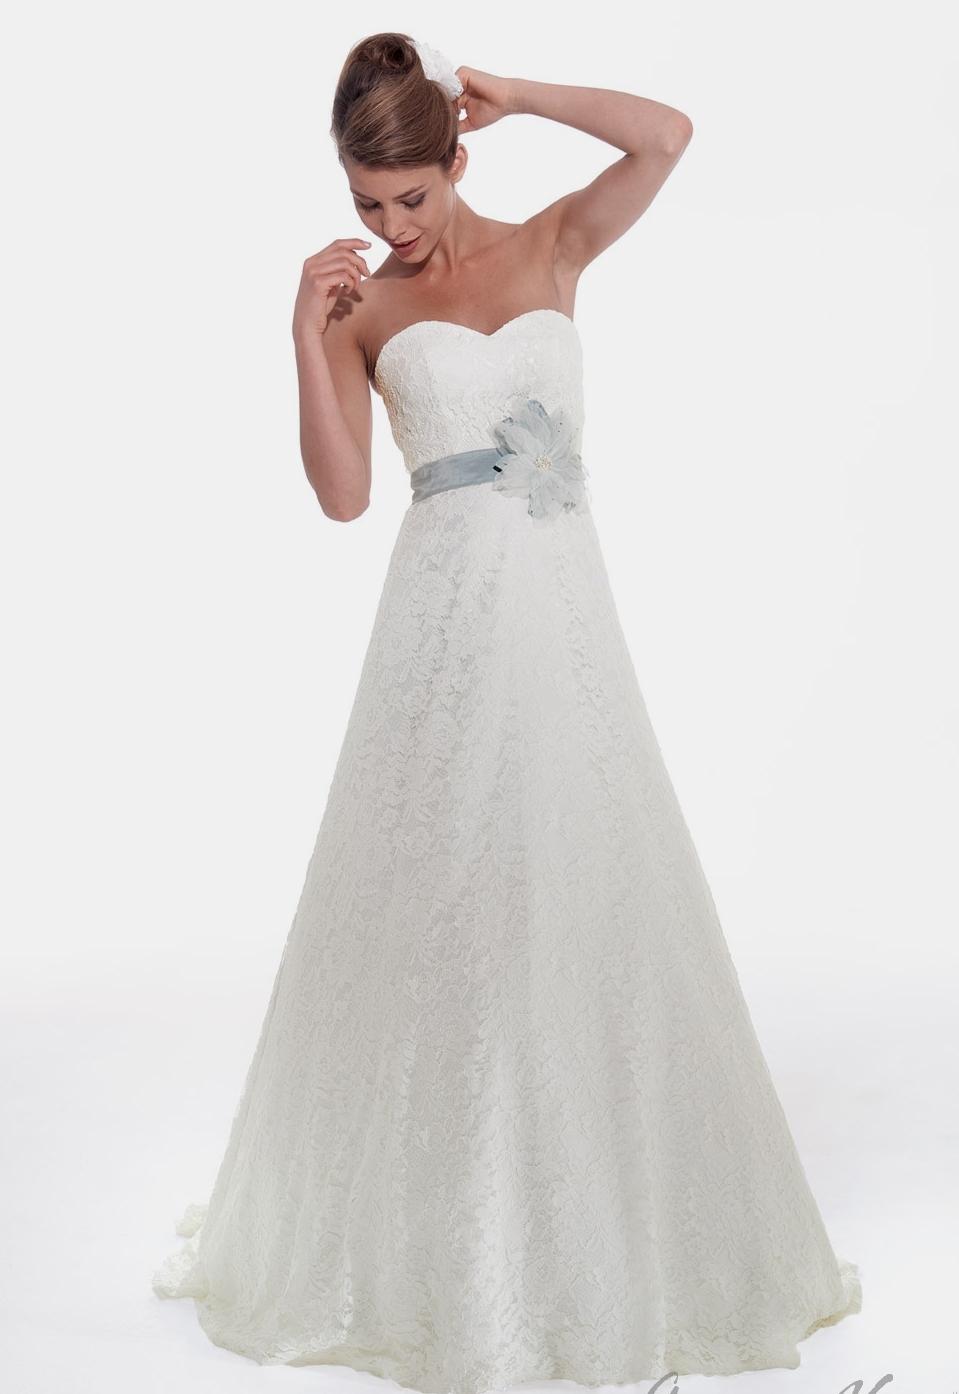 Hochzeitskleid Claudia 540 - Typ: Brautkleid Claudia 540